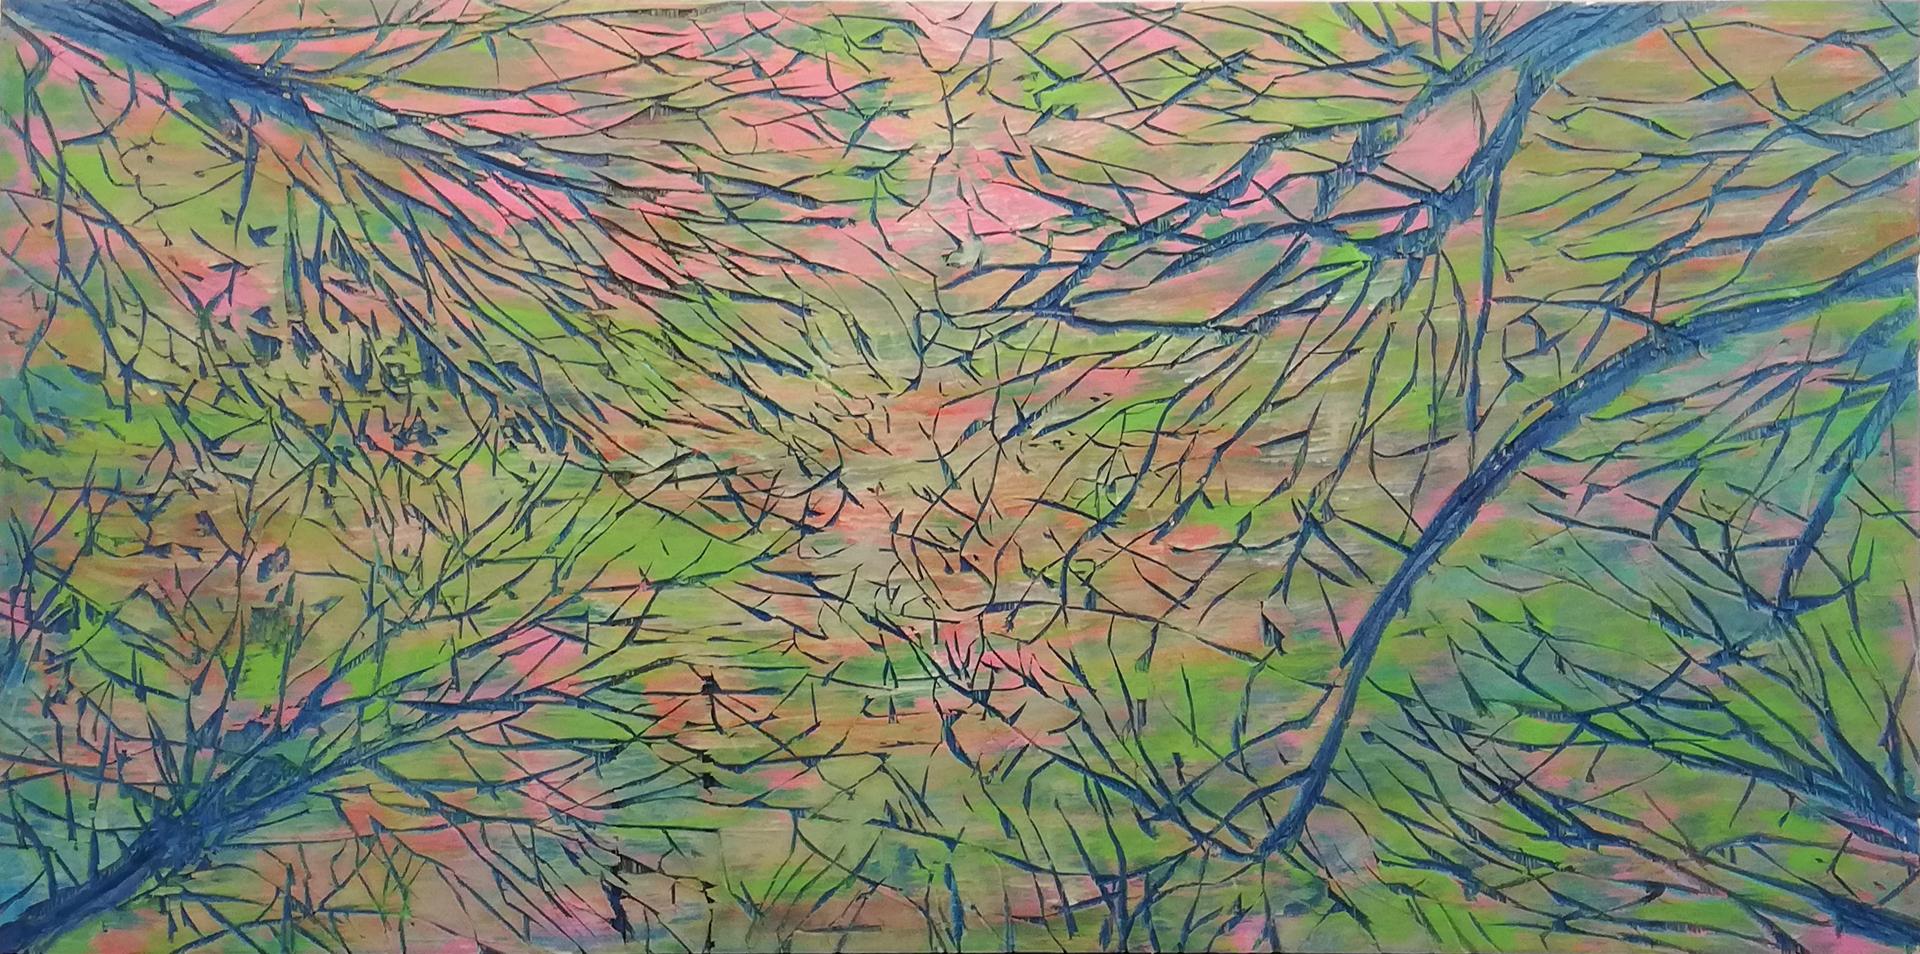 Nicole Bianchet, IRY ME, 2011, Mischtechnick auf Spanplatte, 61 x 112 cm